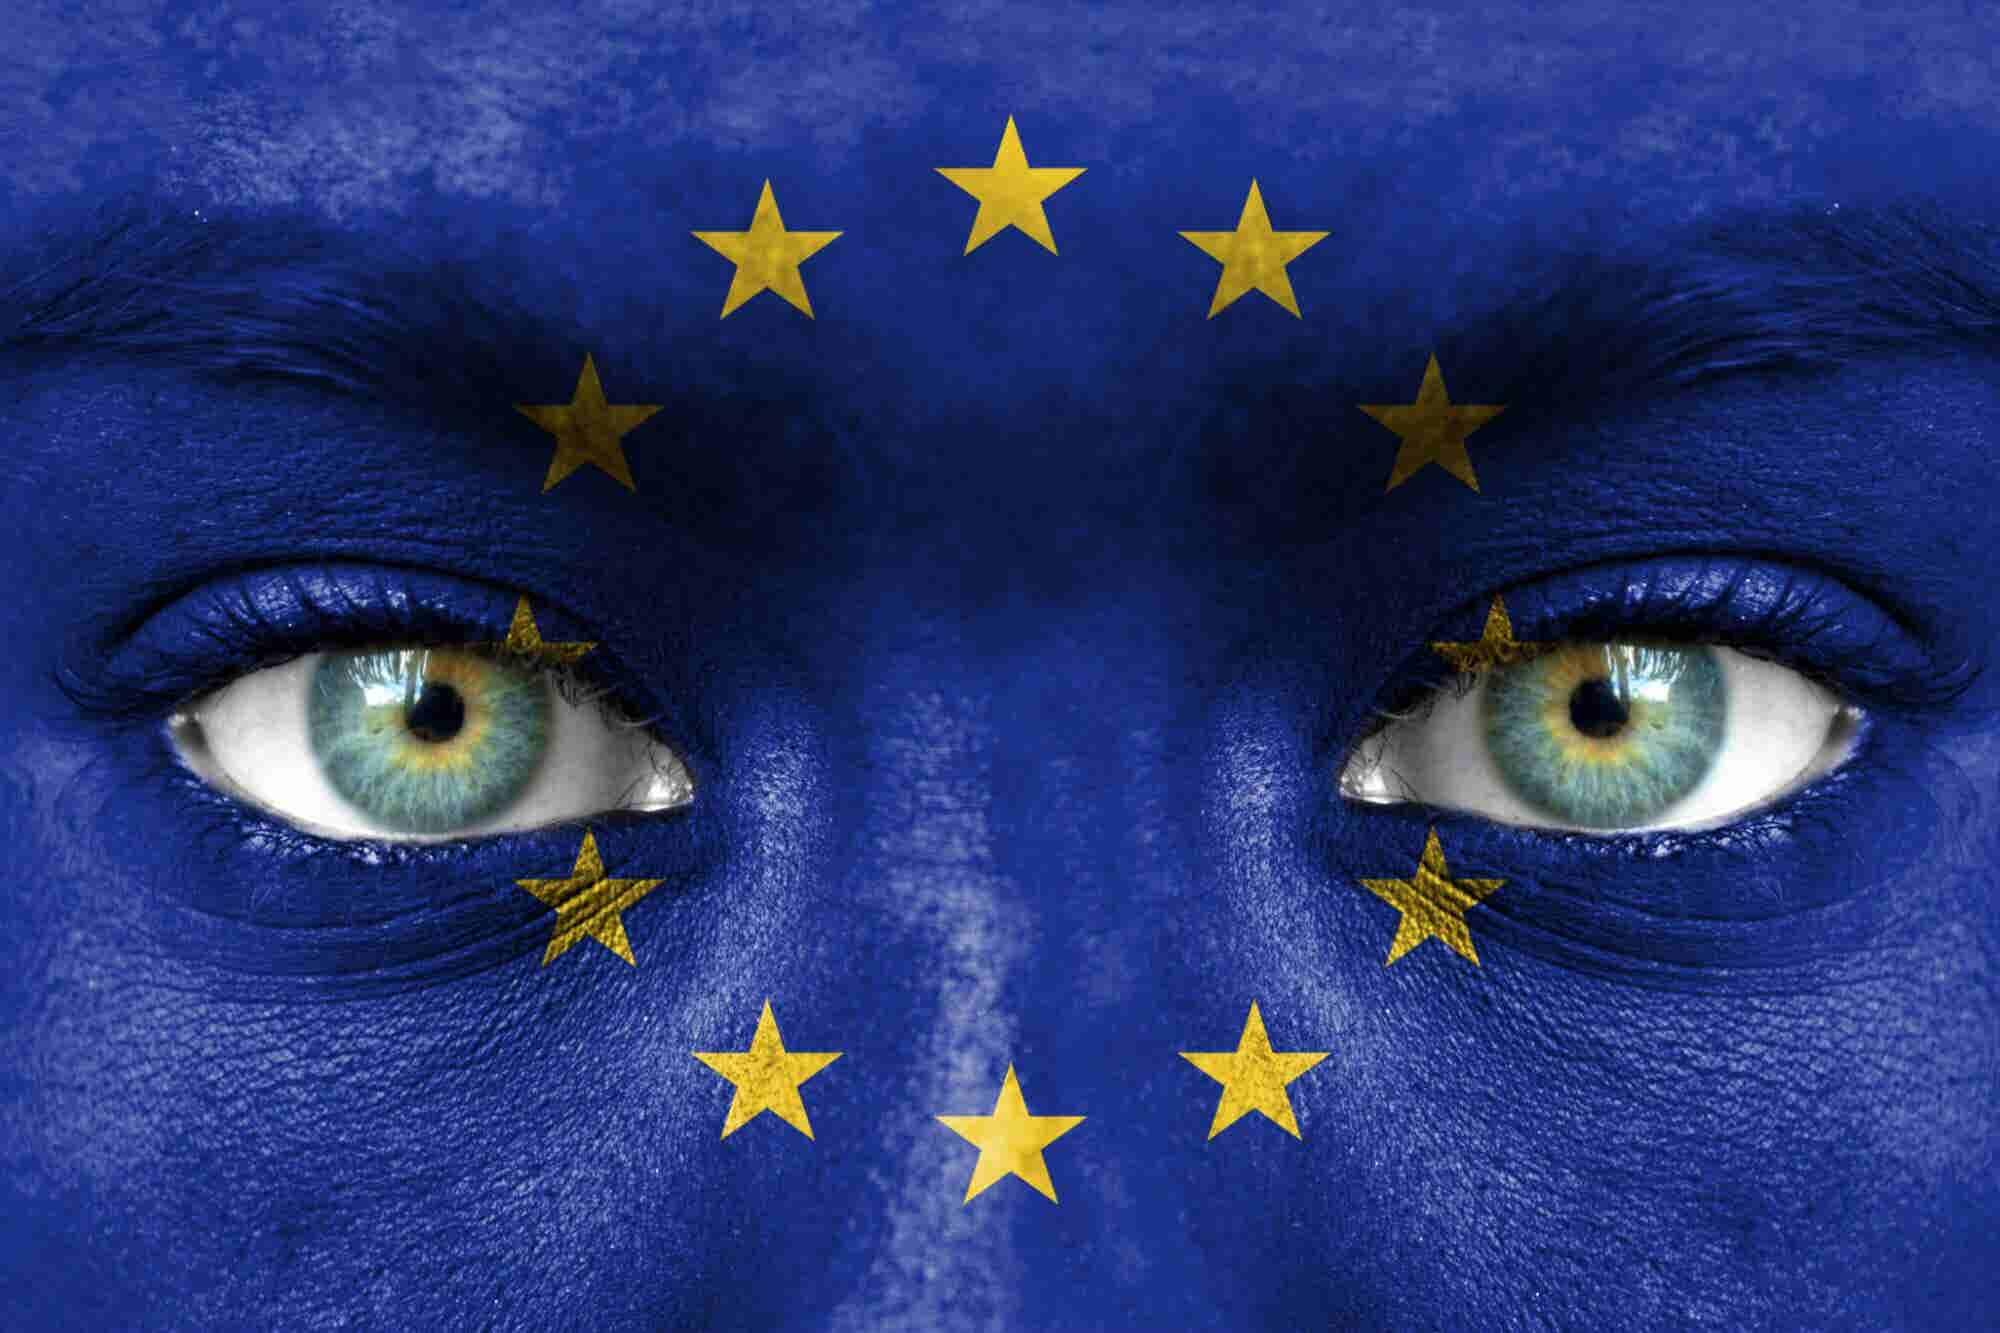 ¿Quieres llevar tu negocio al otro lado del mar? ¡Forma parte de StartUp Europe!